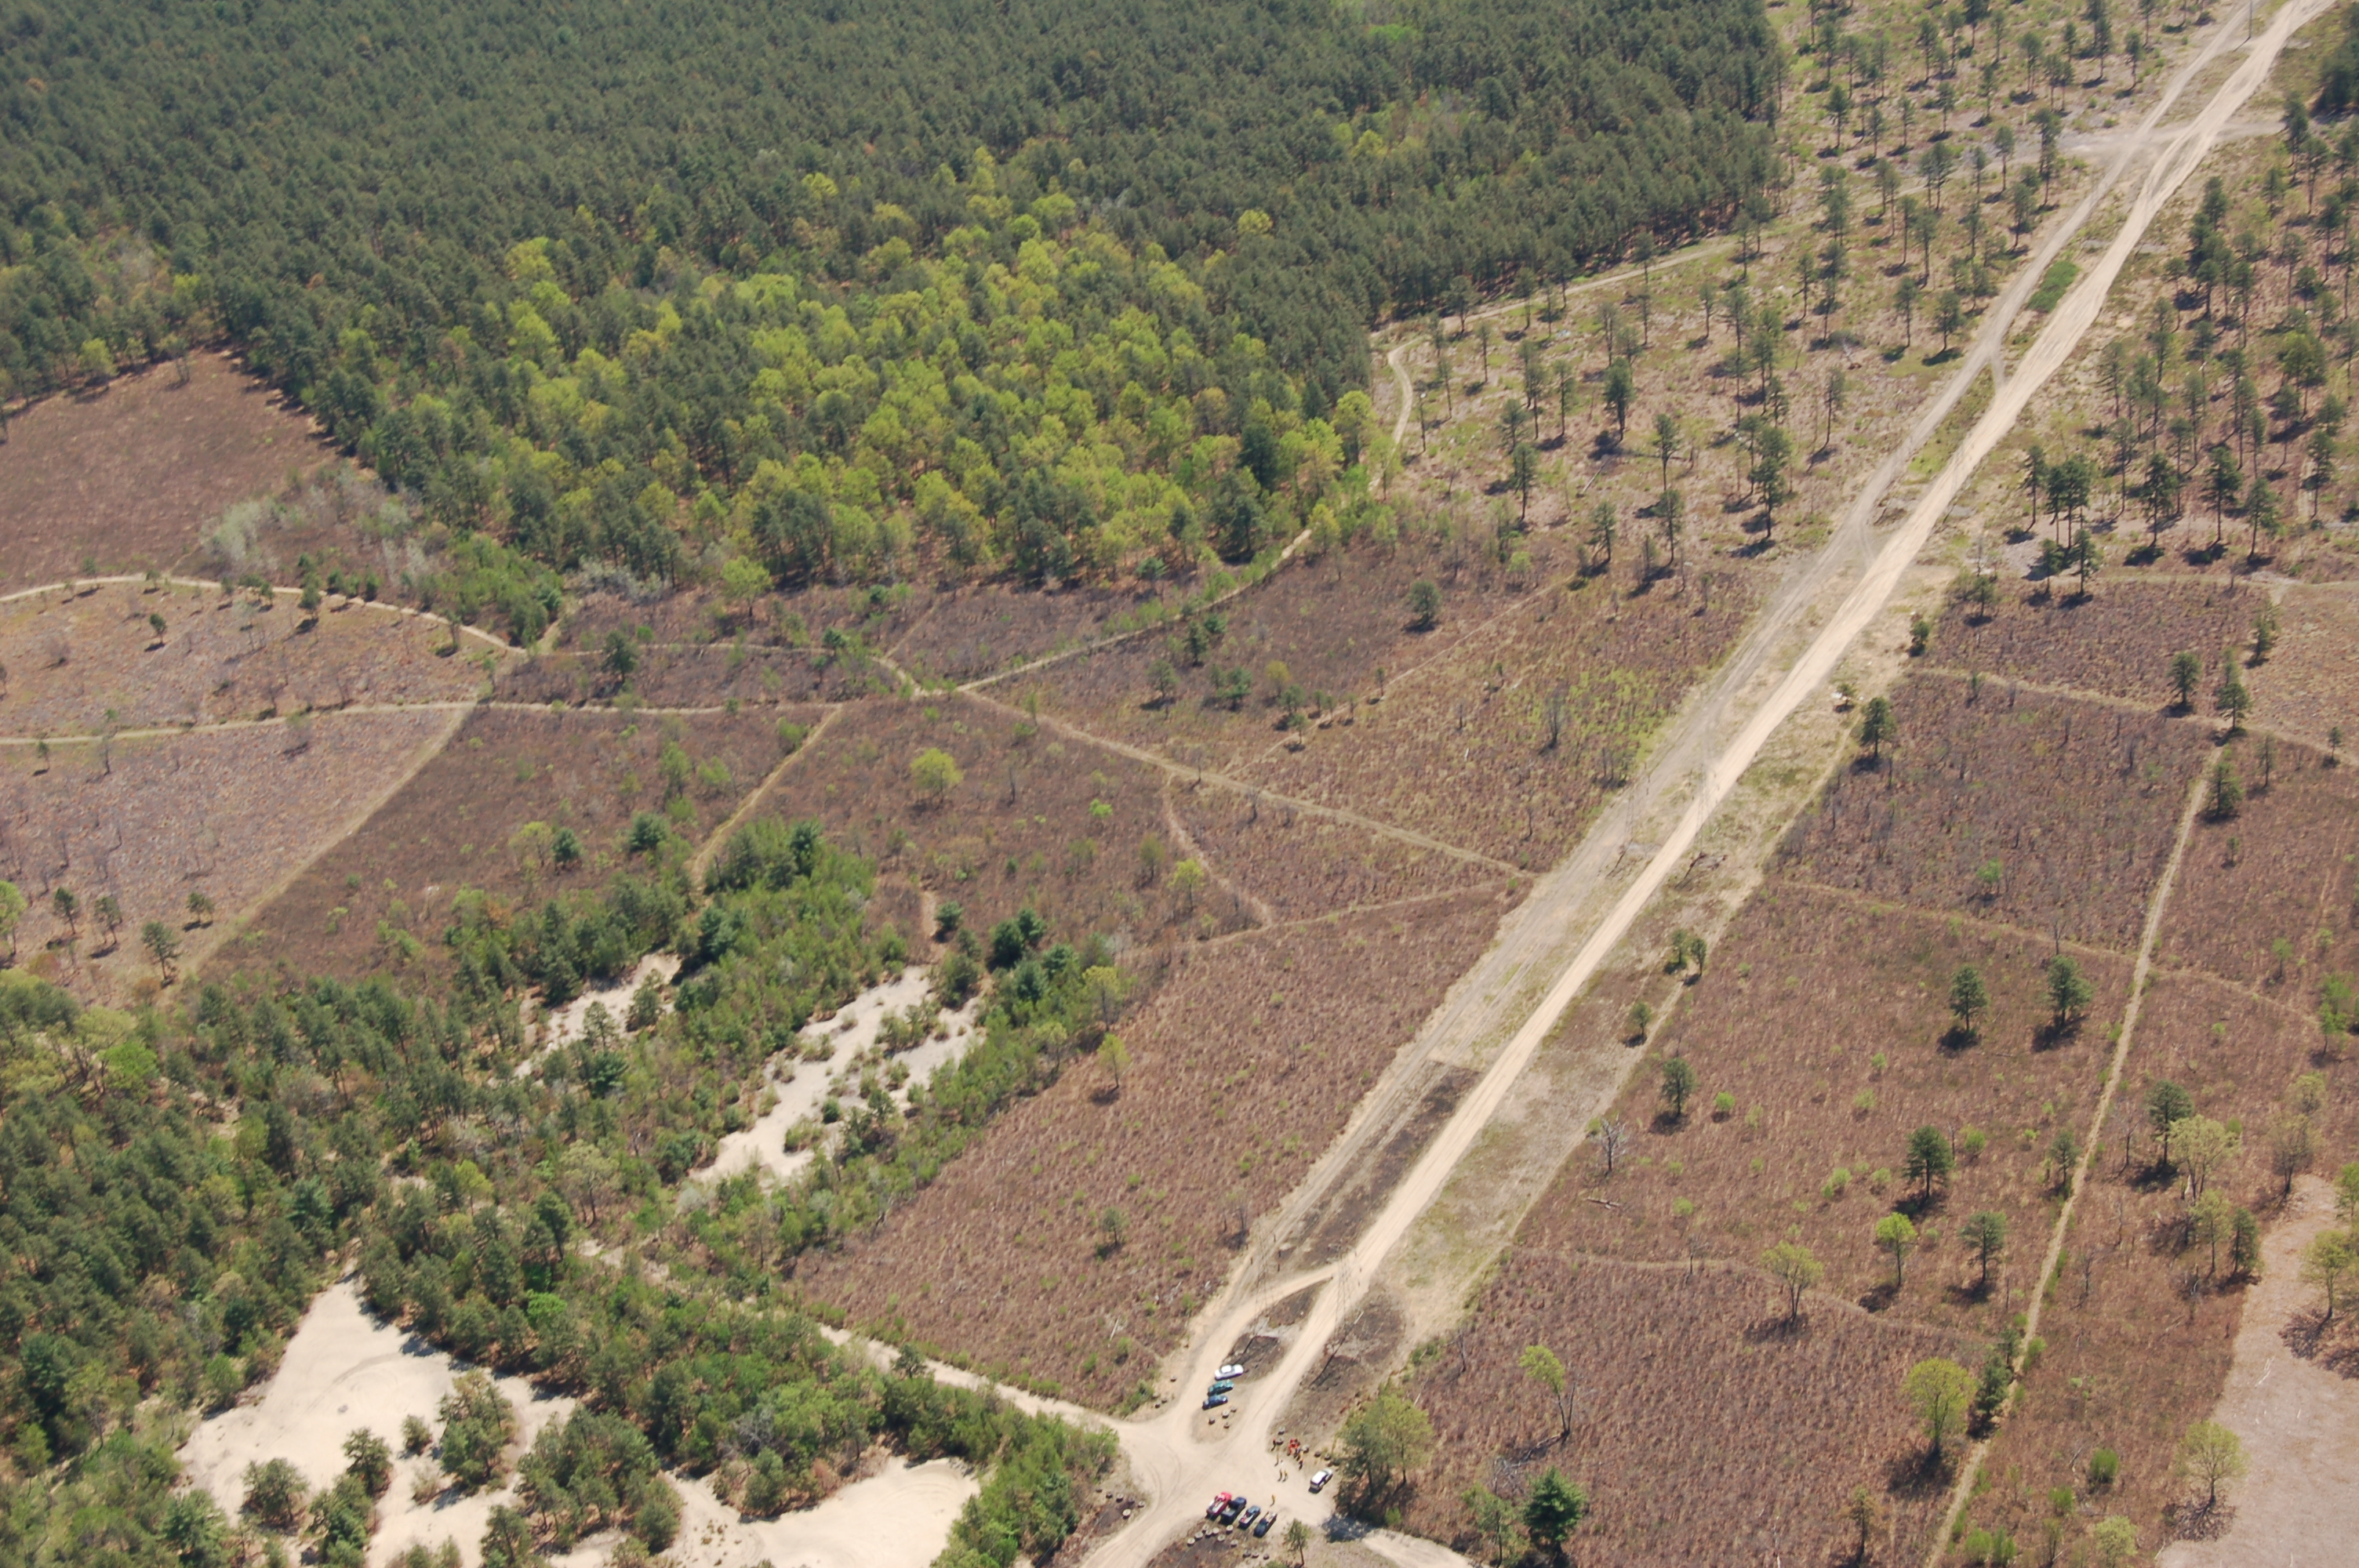 Montague Plains